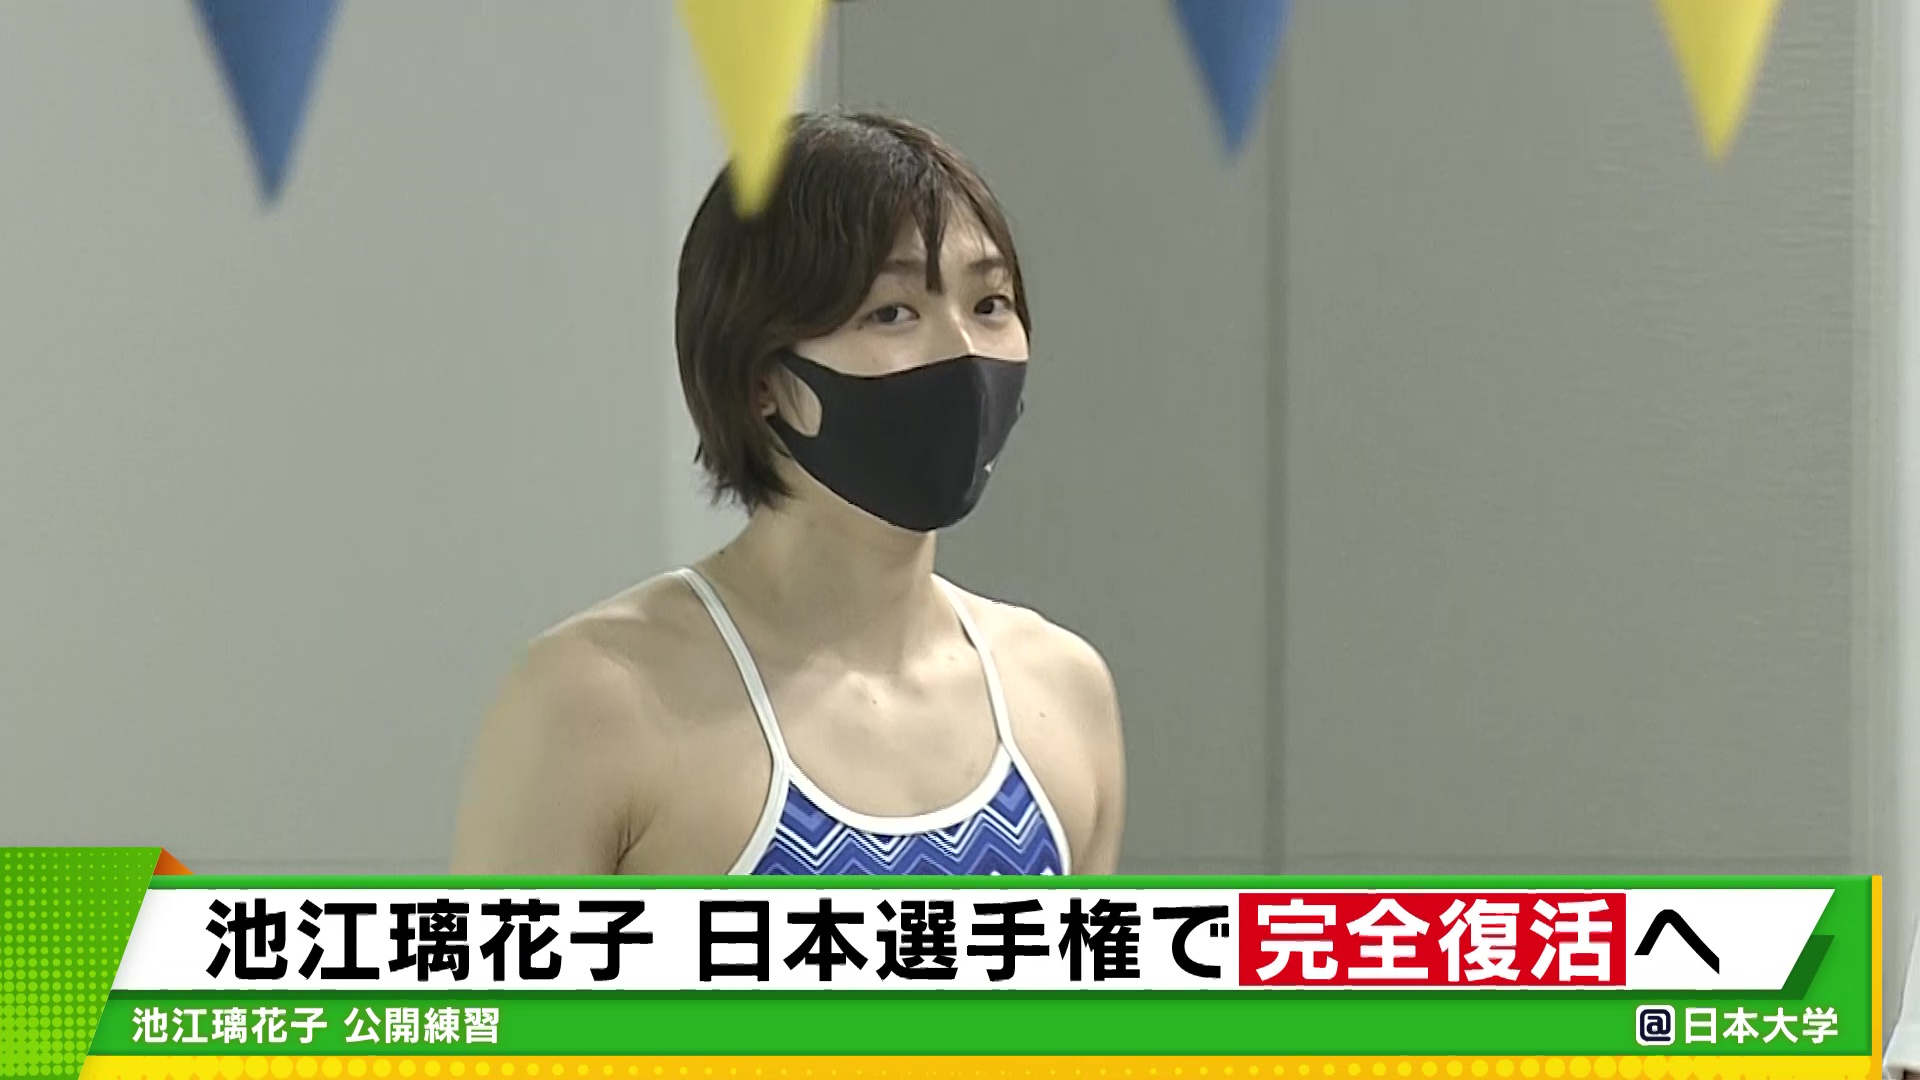 池江璃花子 日本選手権で完全復活へ「とにかく楽しむという気持ちで泳ぎたい」